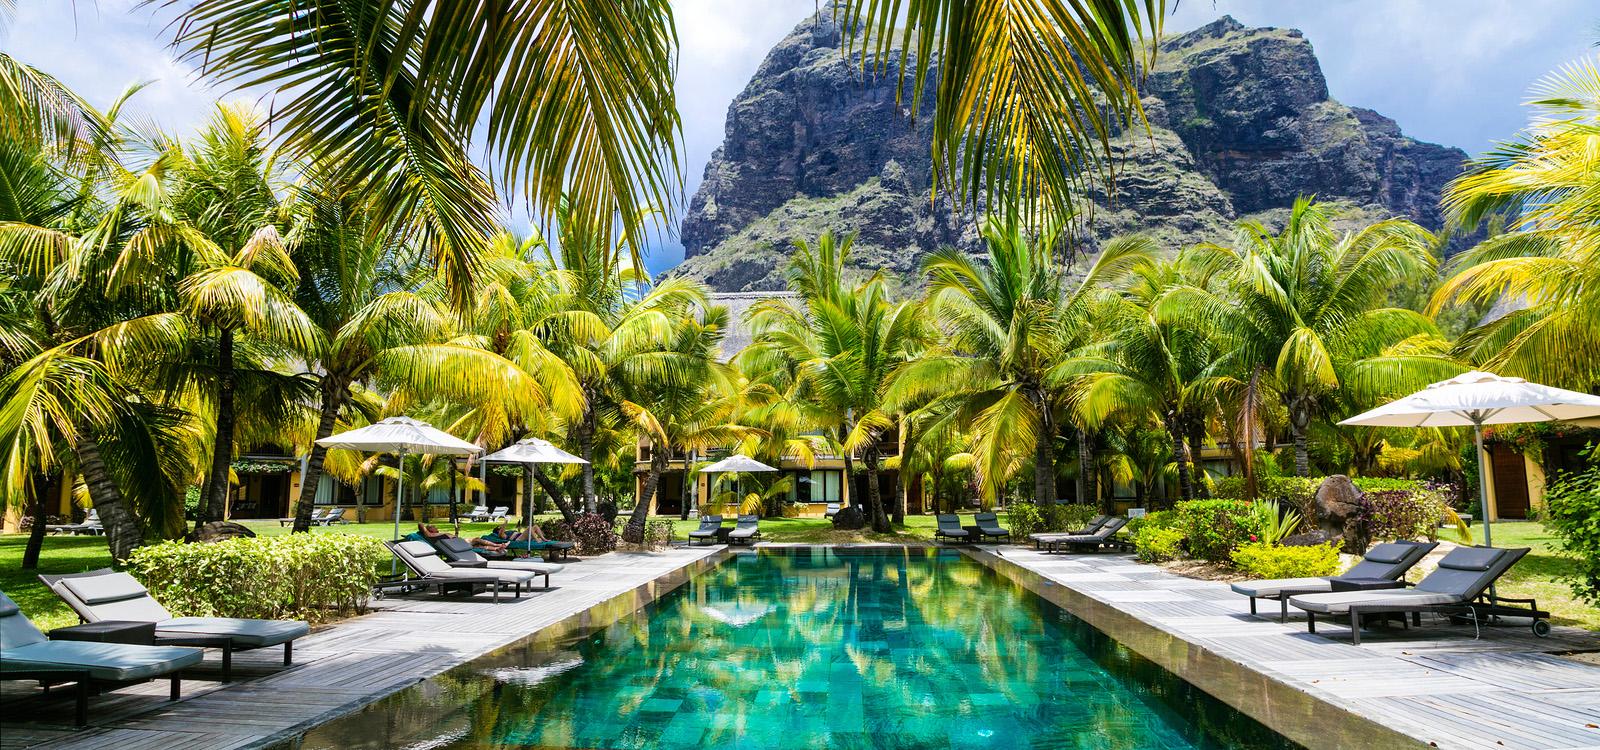 Resorts – SG Resorts Travel and Vacation Club